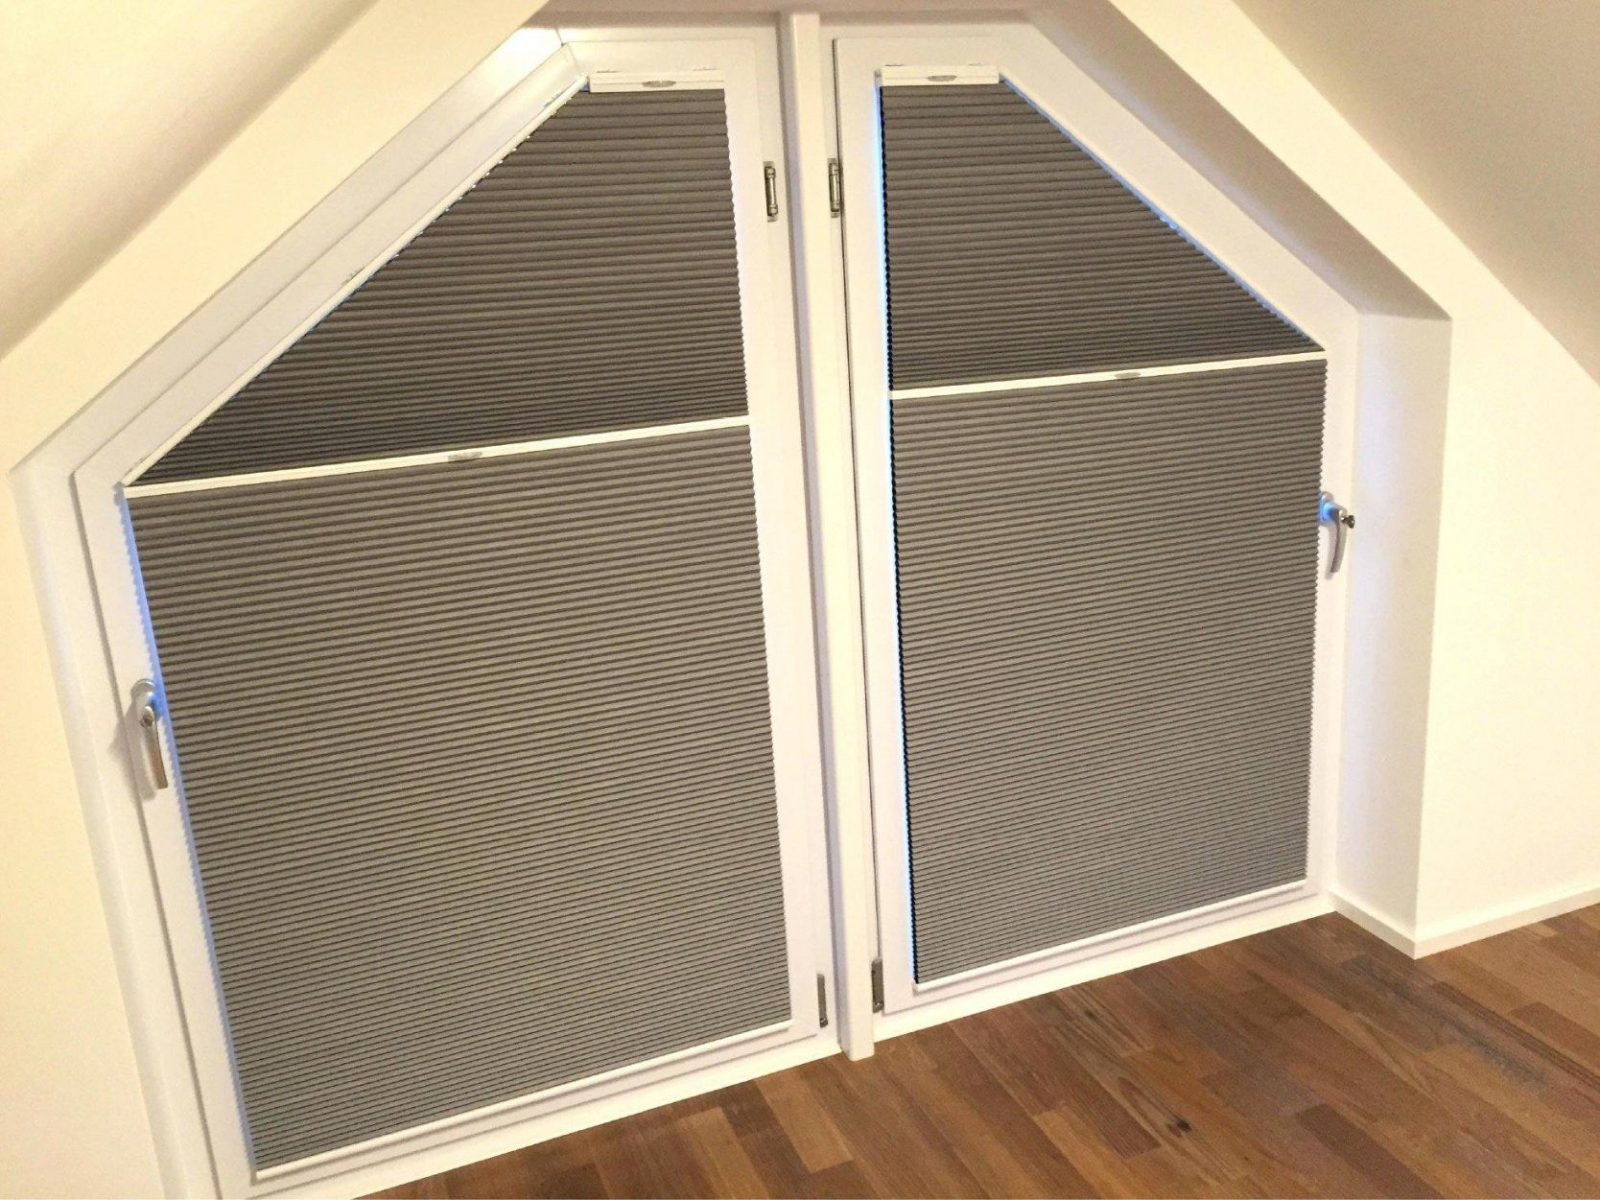 Rollos Fr Dreiecksfenster Innen  Haus Design Ideen